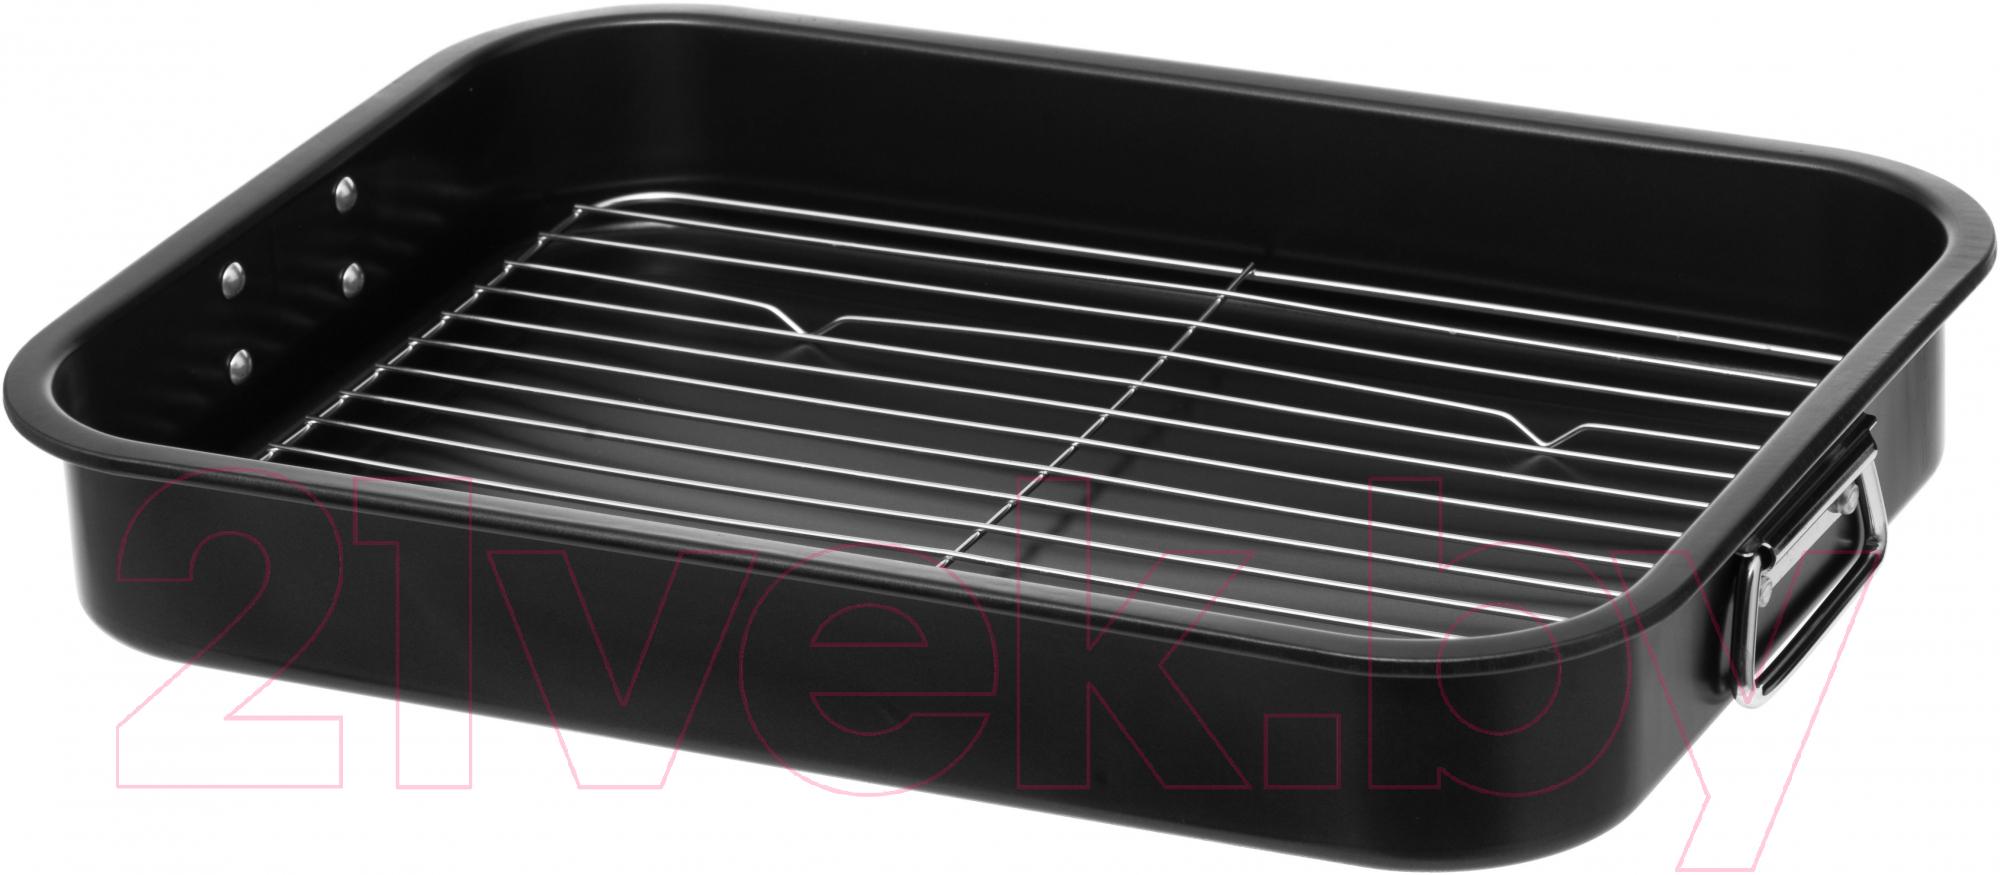 Купить Форма для запекания Maku Kitchen Life, 214084, Китай, углеродистая сталь